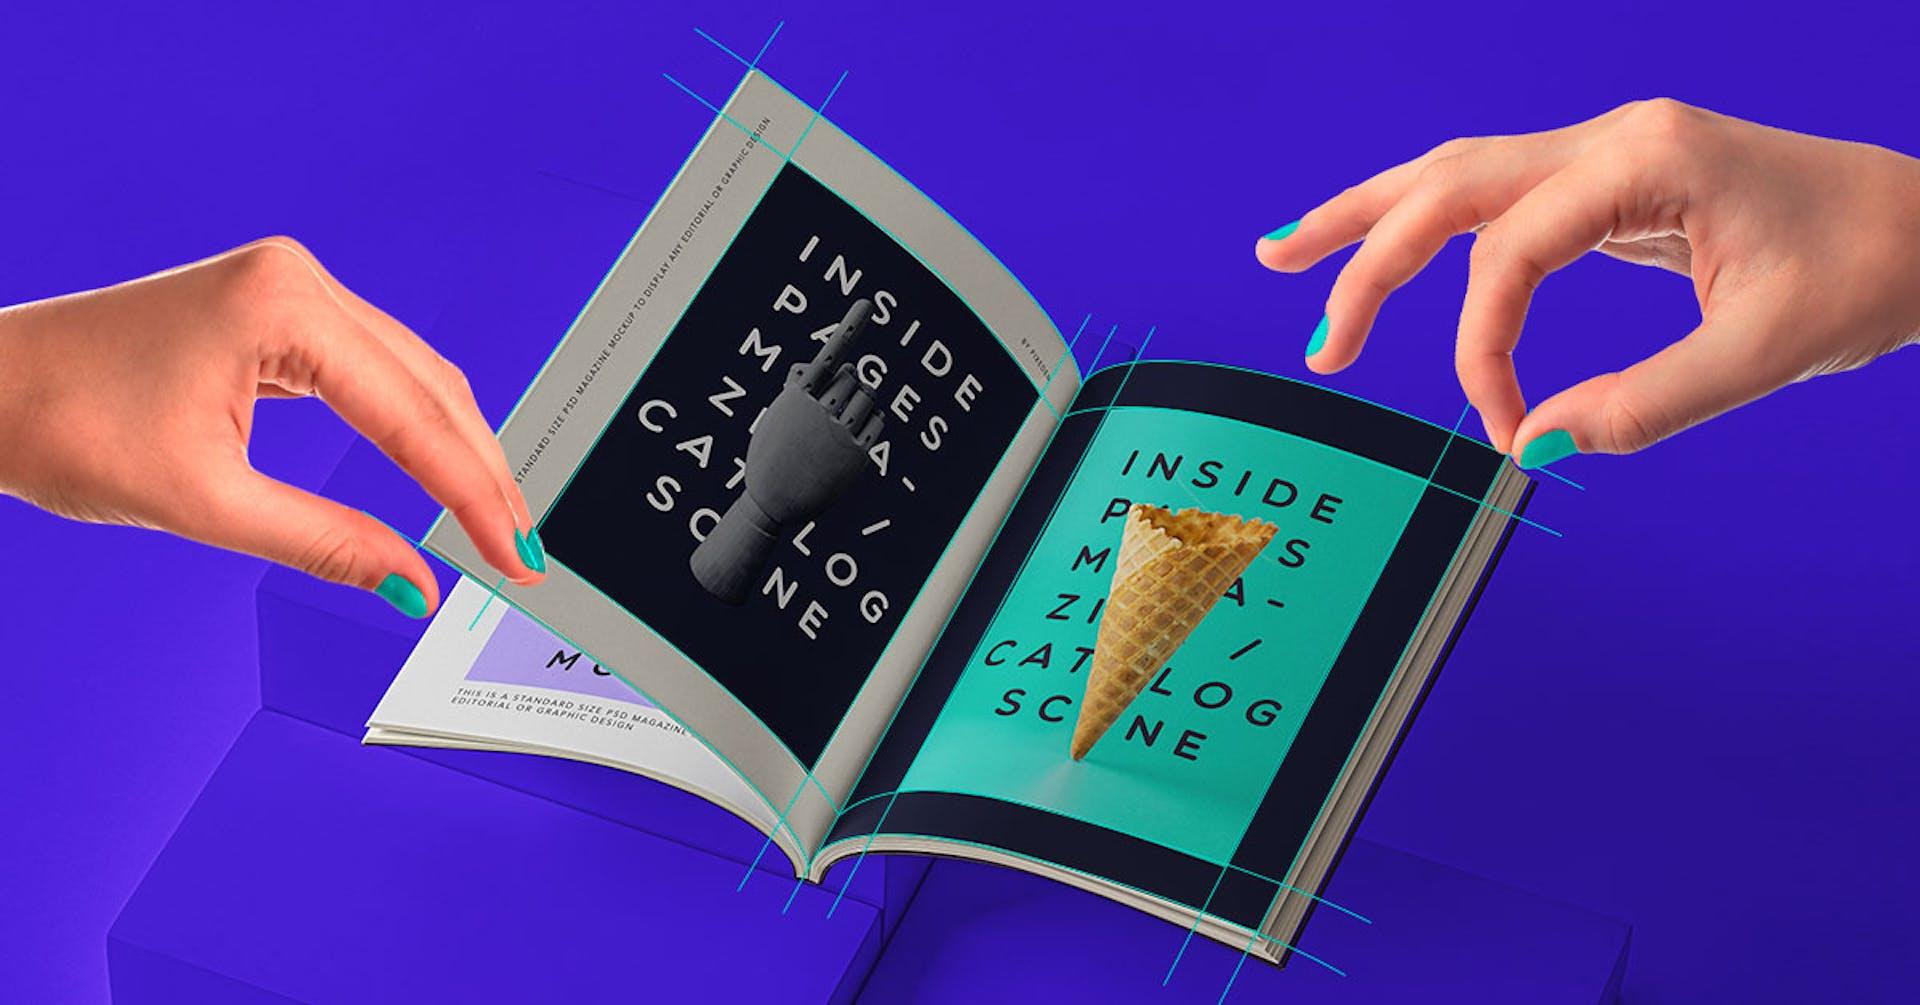 ¿Cómo diseñar una revista? 7 tips para cautivar a tus lectores